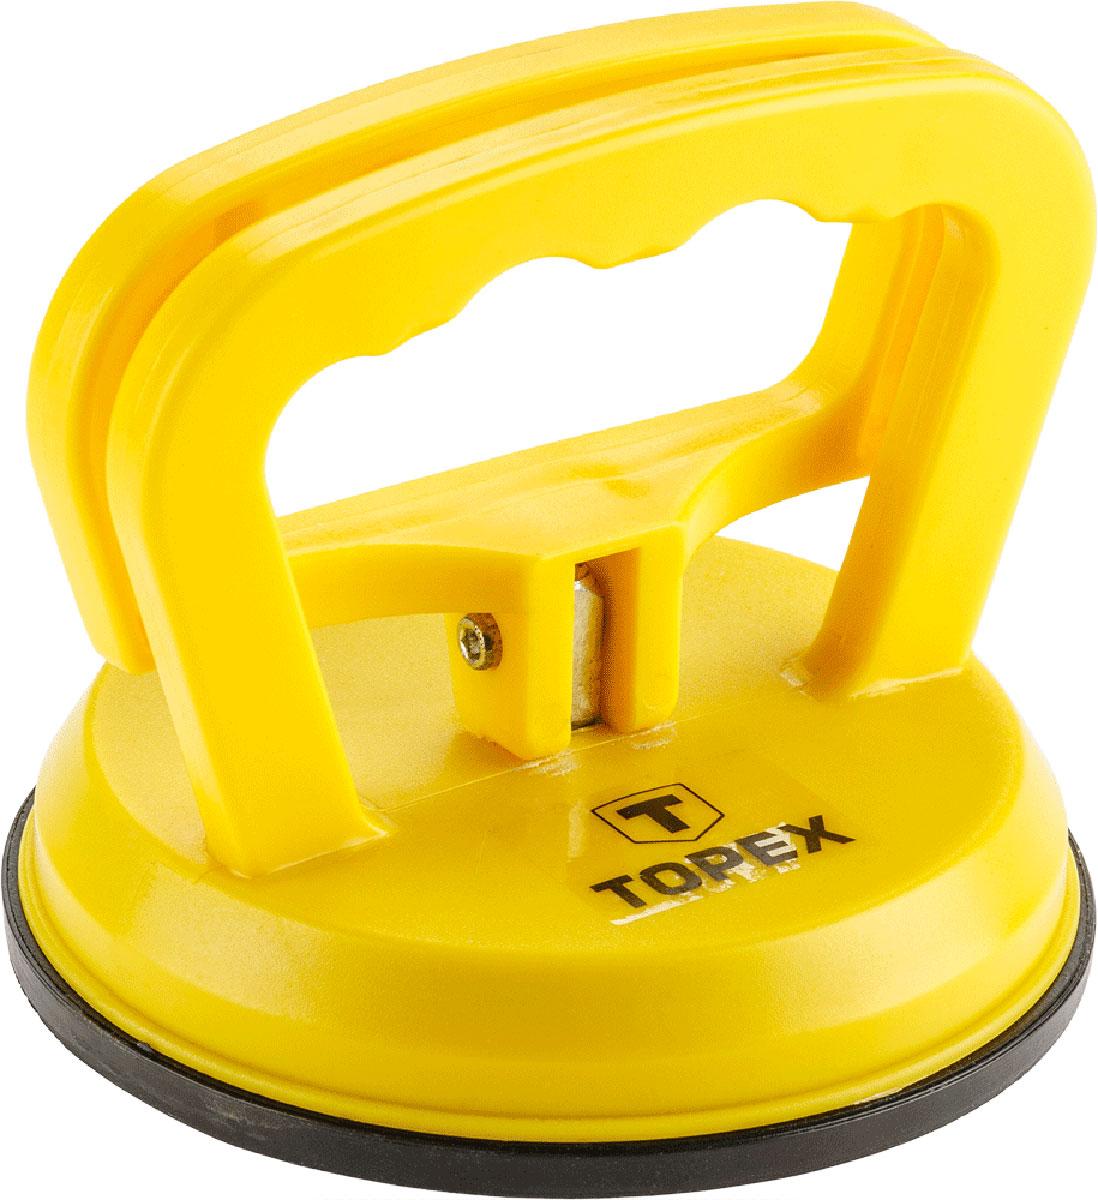 """Стеклодомкрат """"Topex"""", одинарный, цвет: желтый, черный, до 40 кг"""